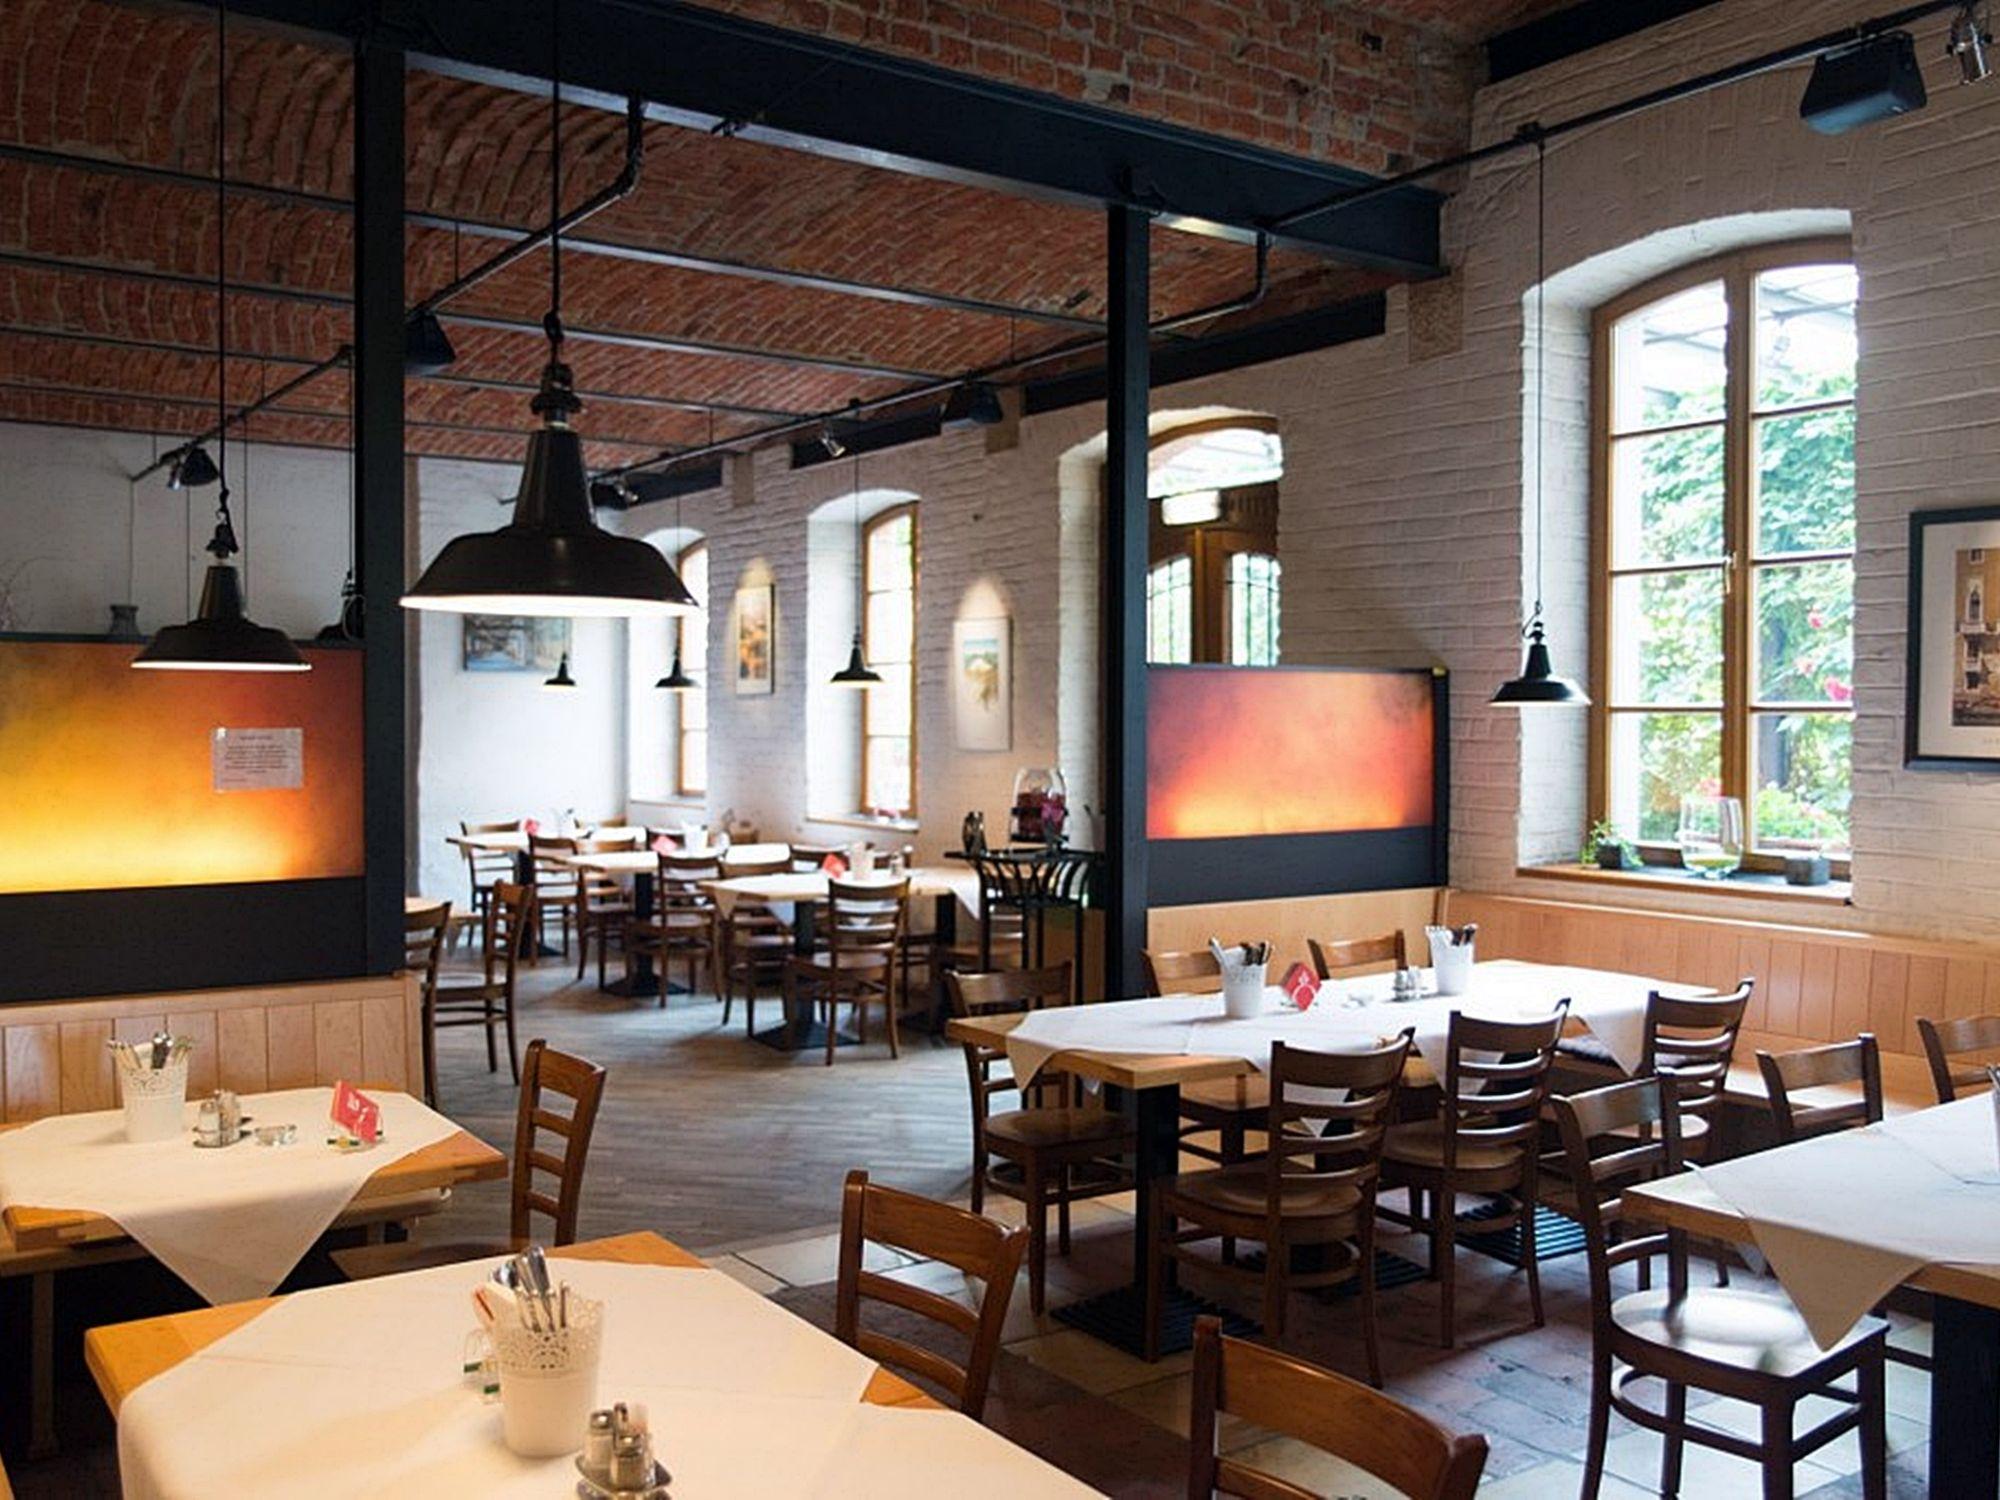 Innenraum der Gaststätte mit Sitzplätzen und stimmungsvoller Beleuchtung